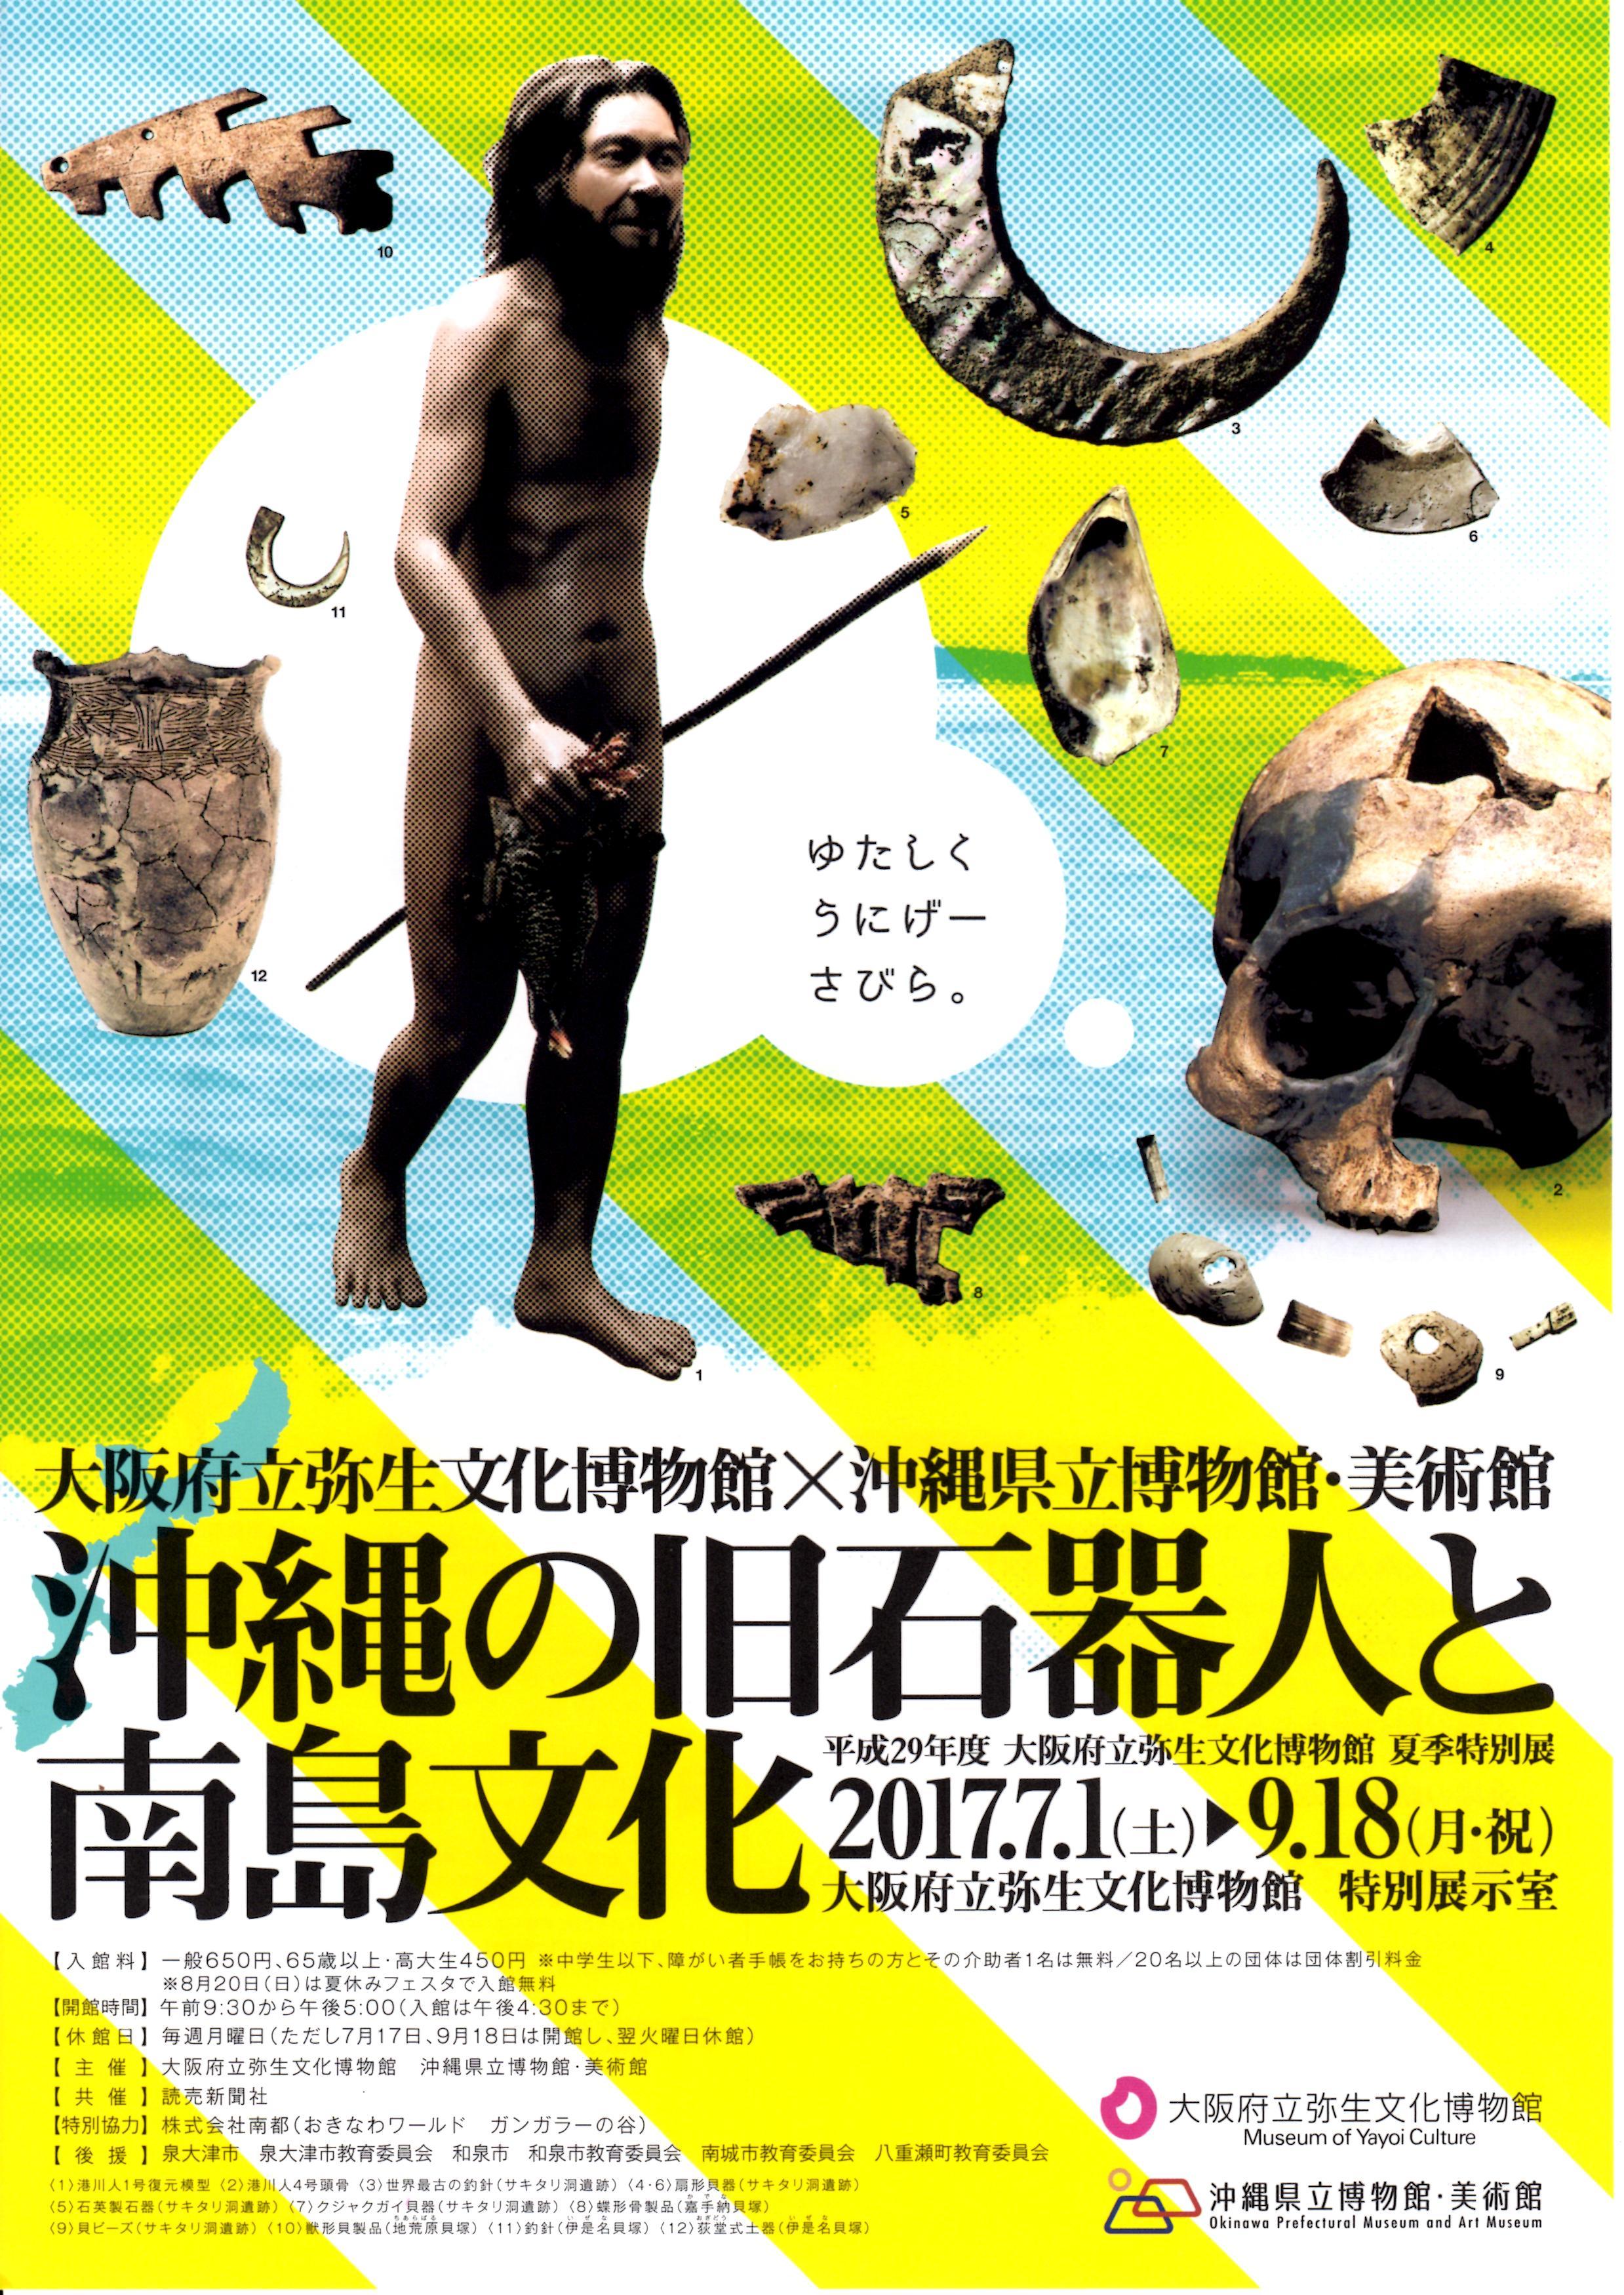 平成29年夏季特別展開催中 沖縄の旧石器人と南島文化~大阪府立弥生文化博物館~